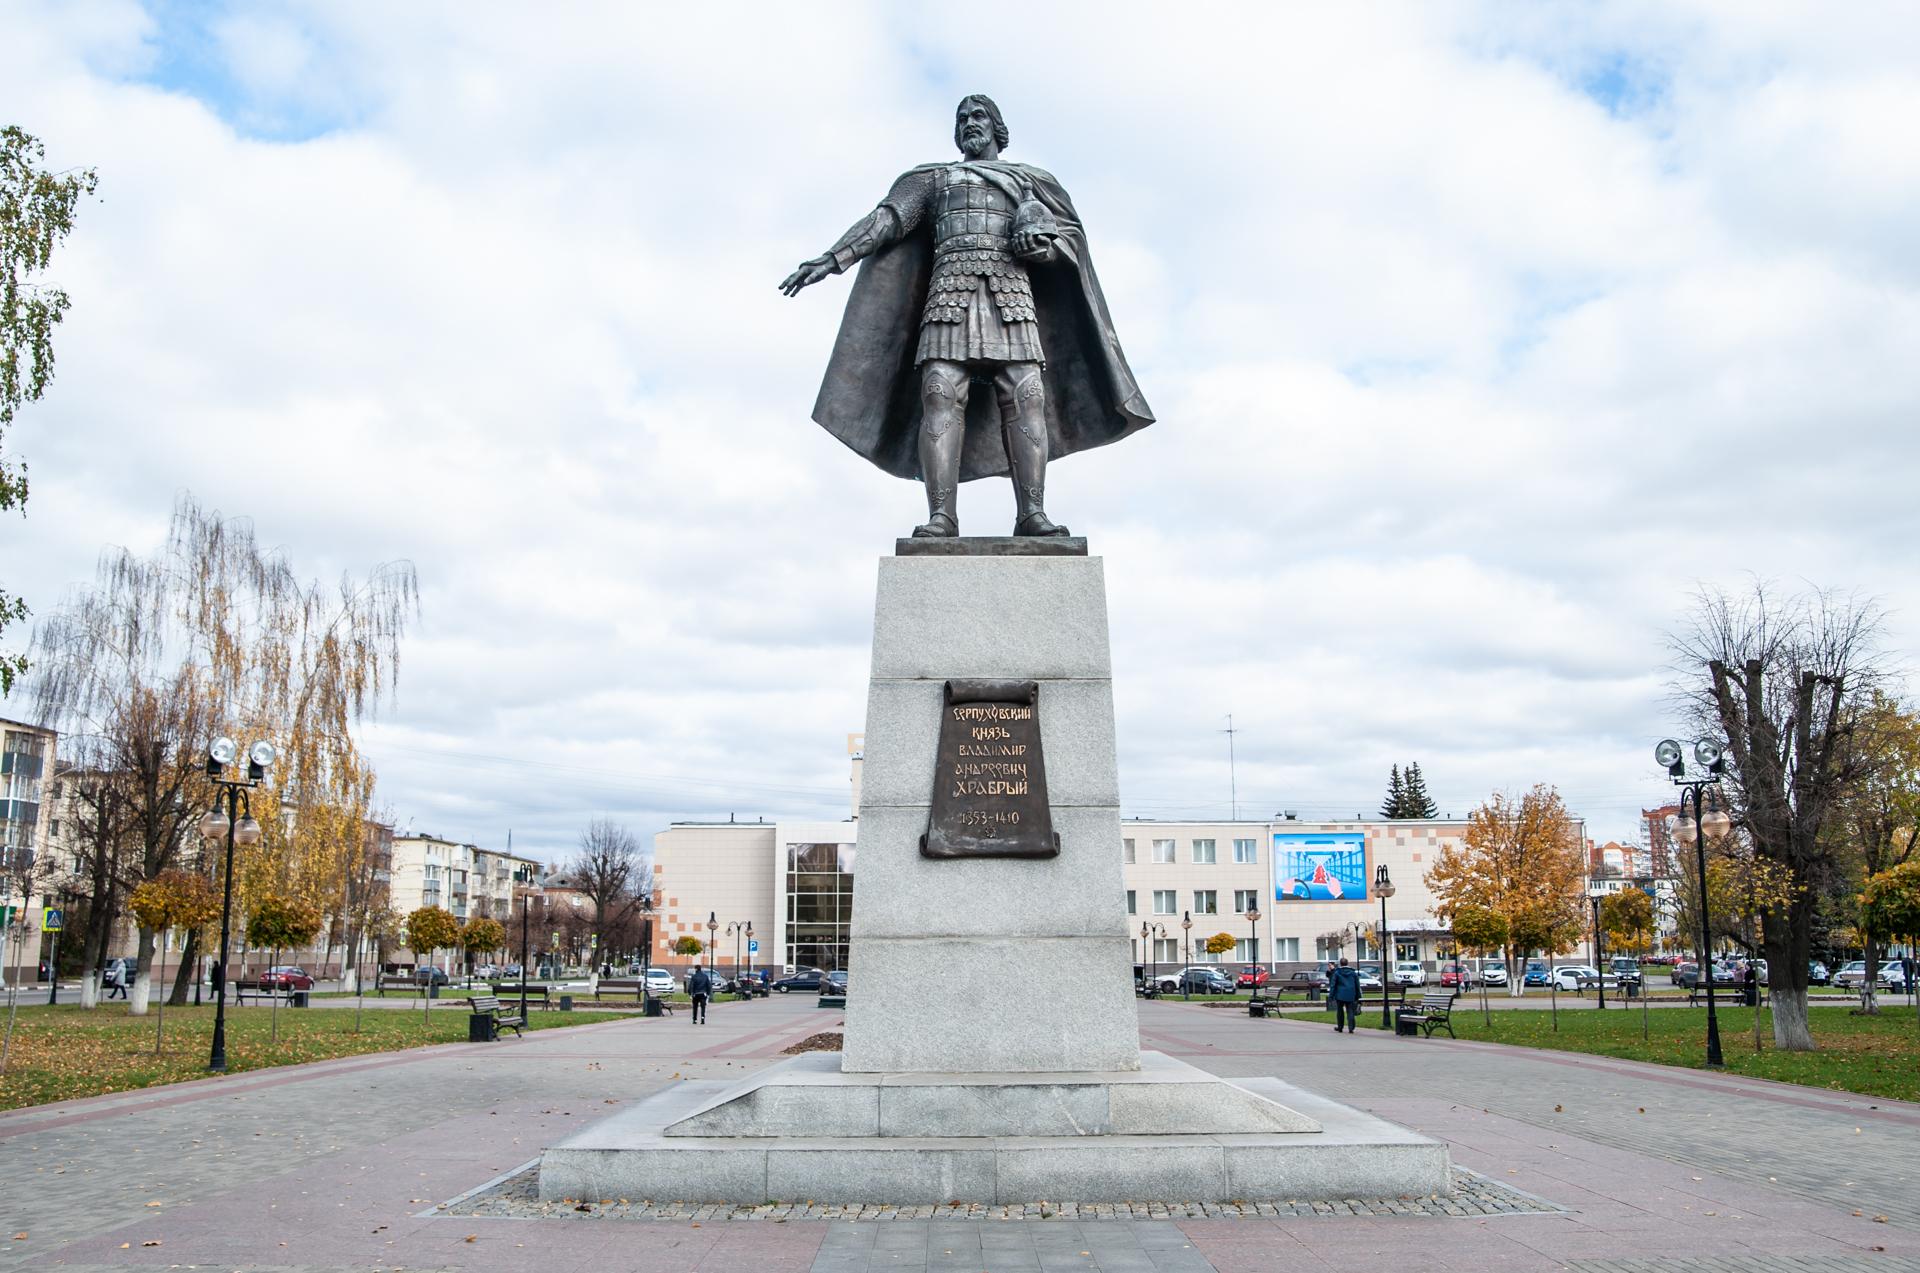 Серпухов. Памятник Серпуховскому князю В.А. Храброму